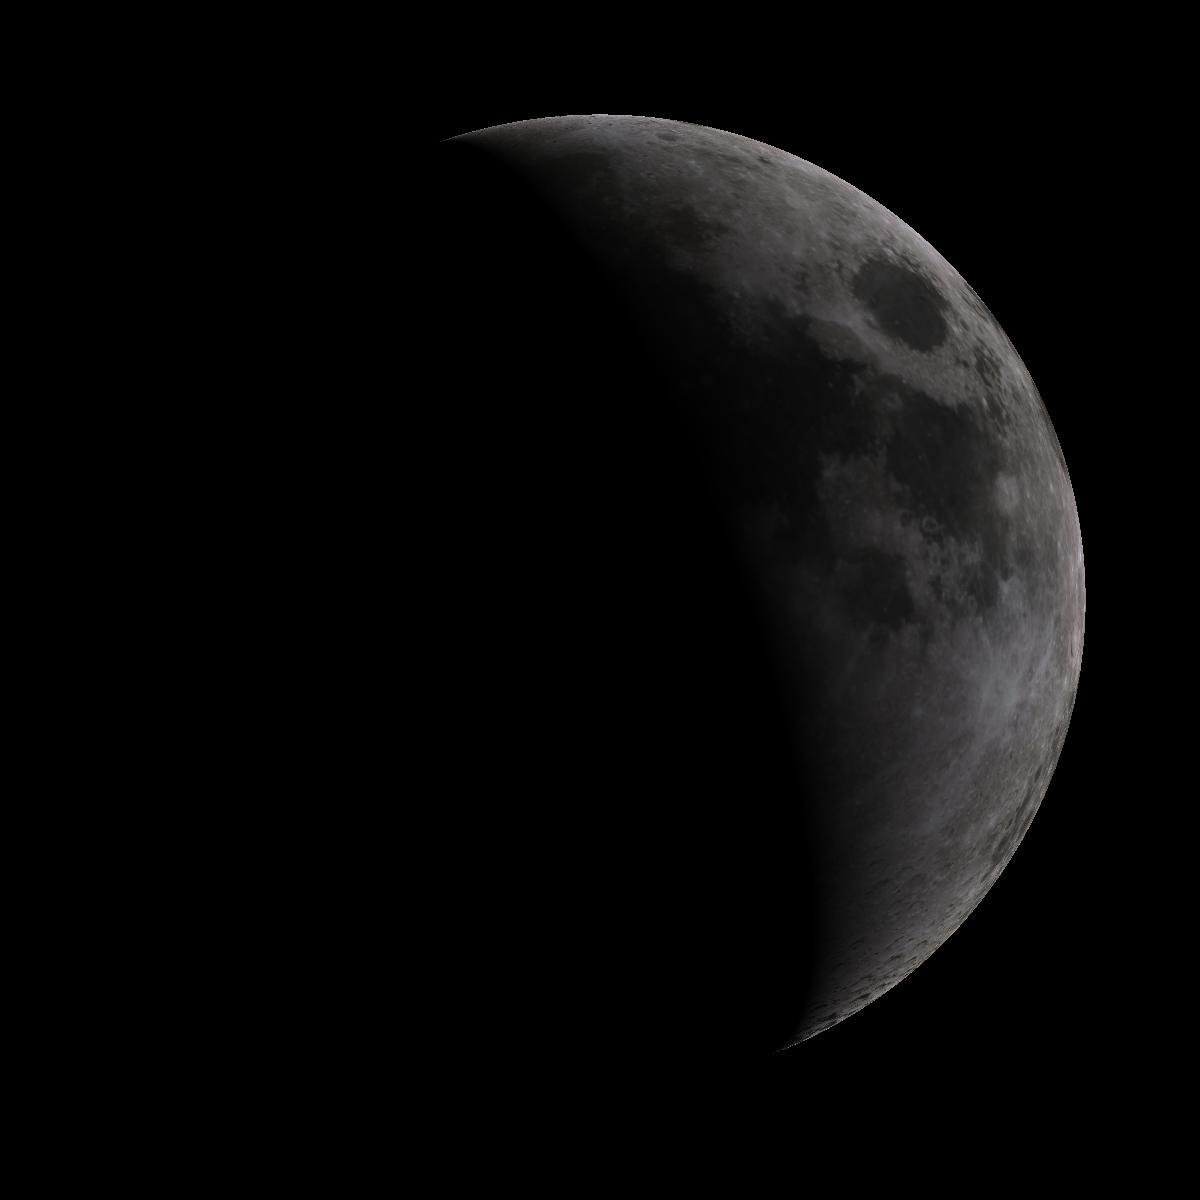 Lune du 9 juin 2019